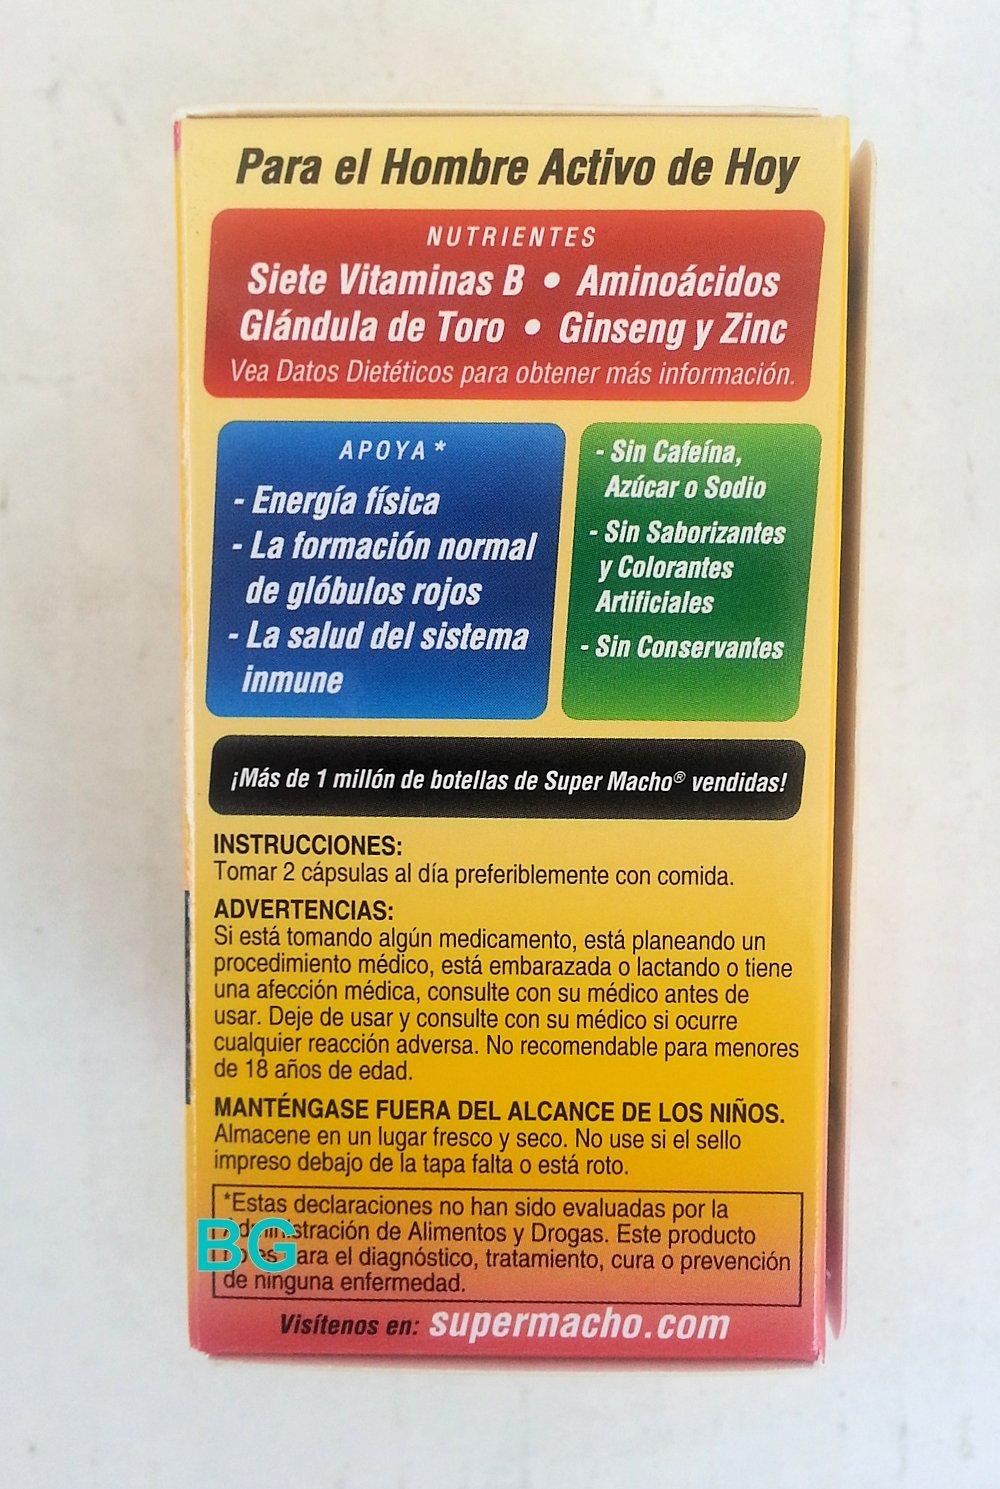 Amazon.com : Super Macho Advanced Energizing Formula, 50 Softgels : Other Products : Everything Else